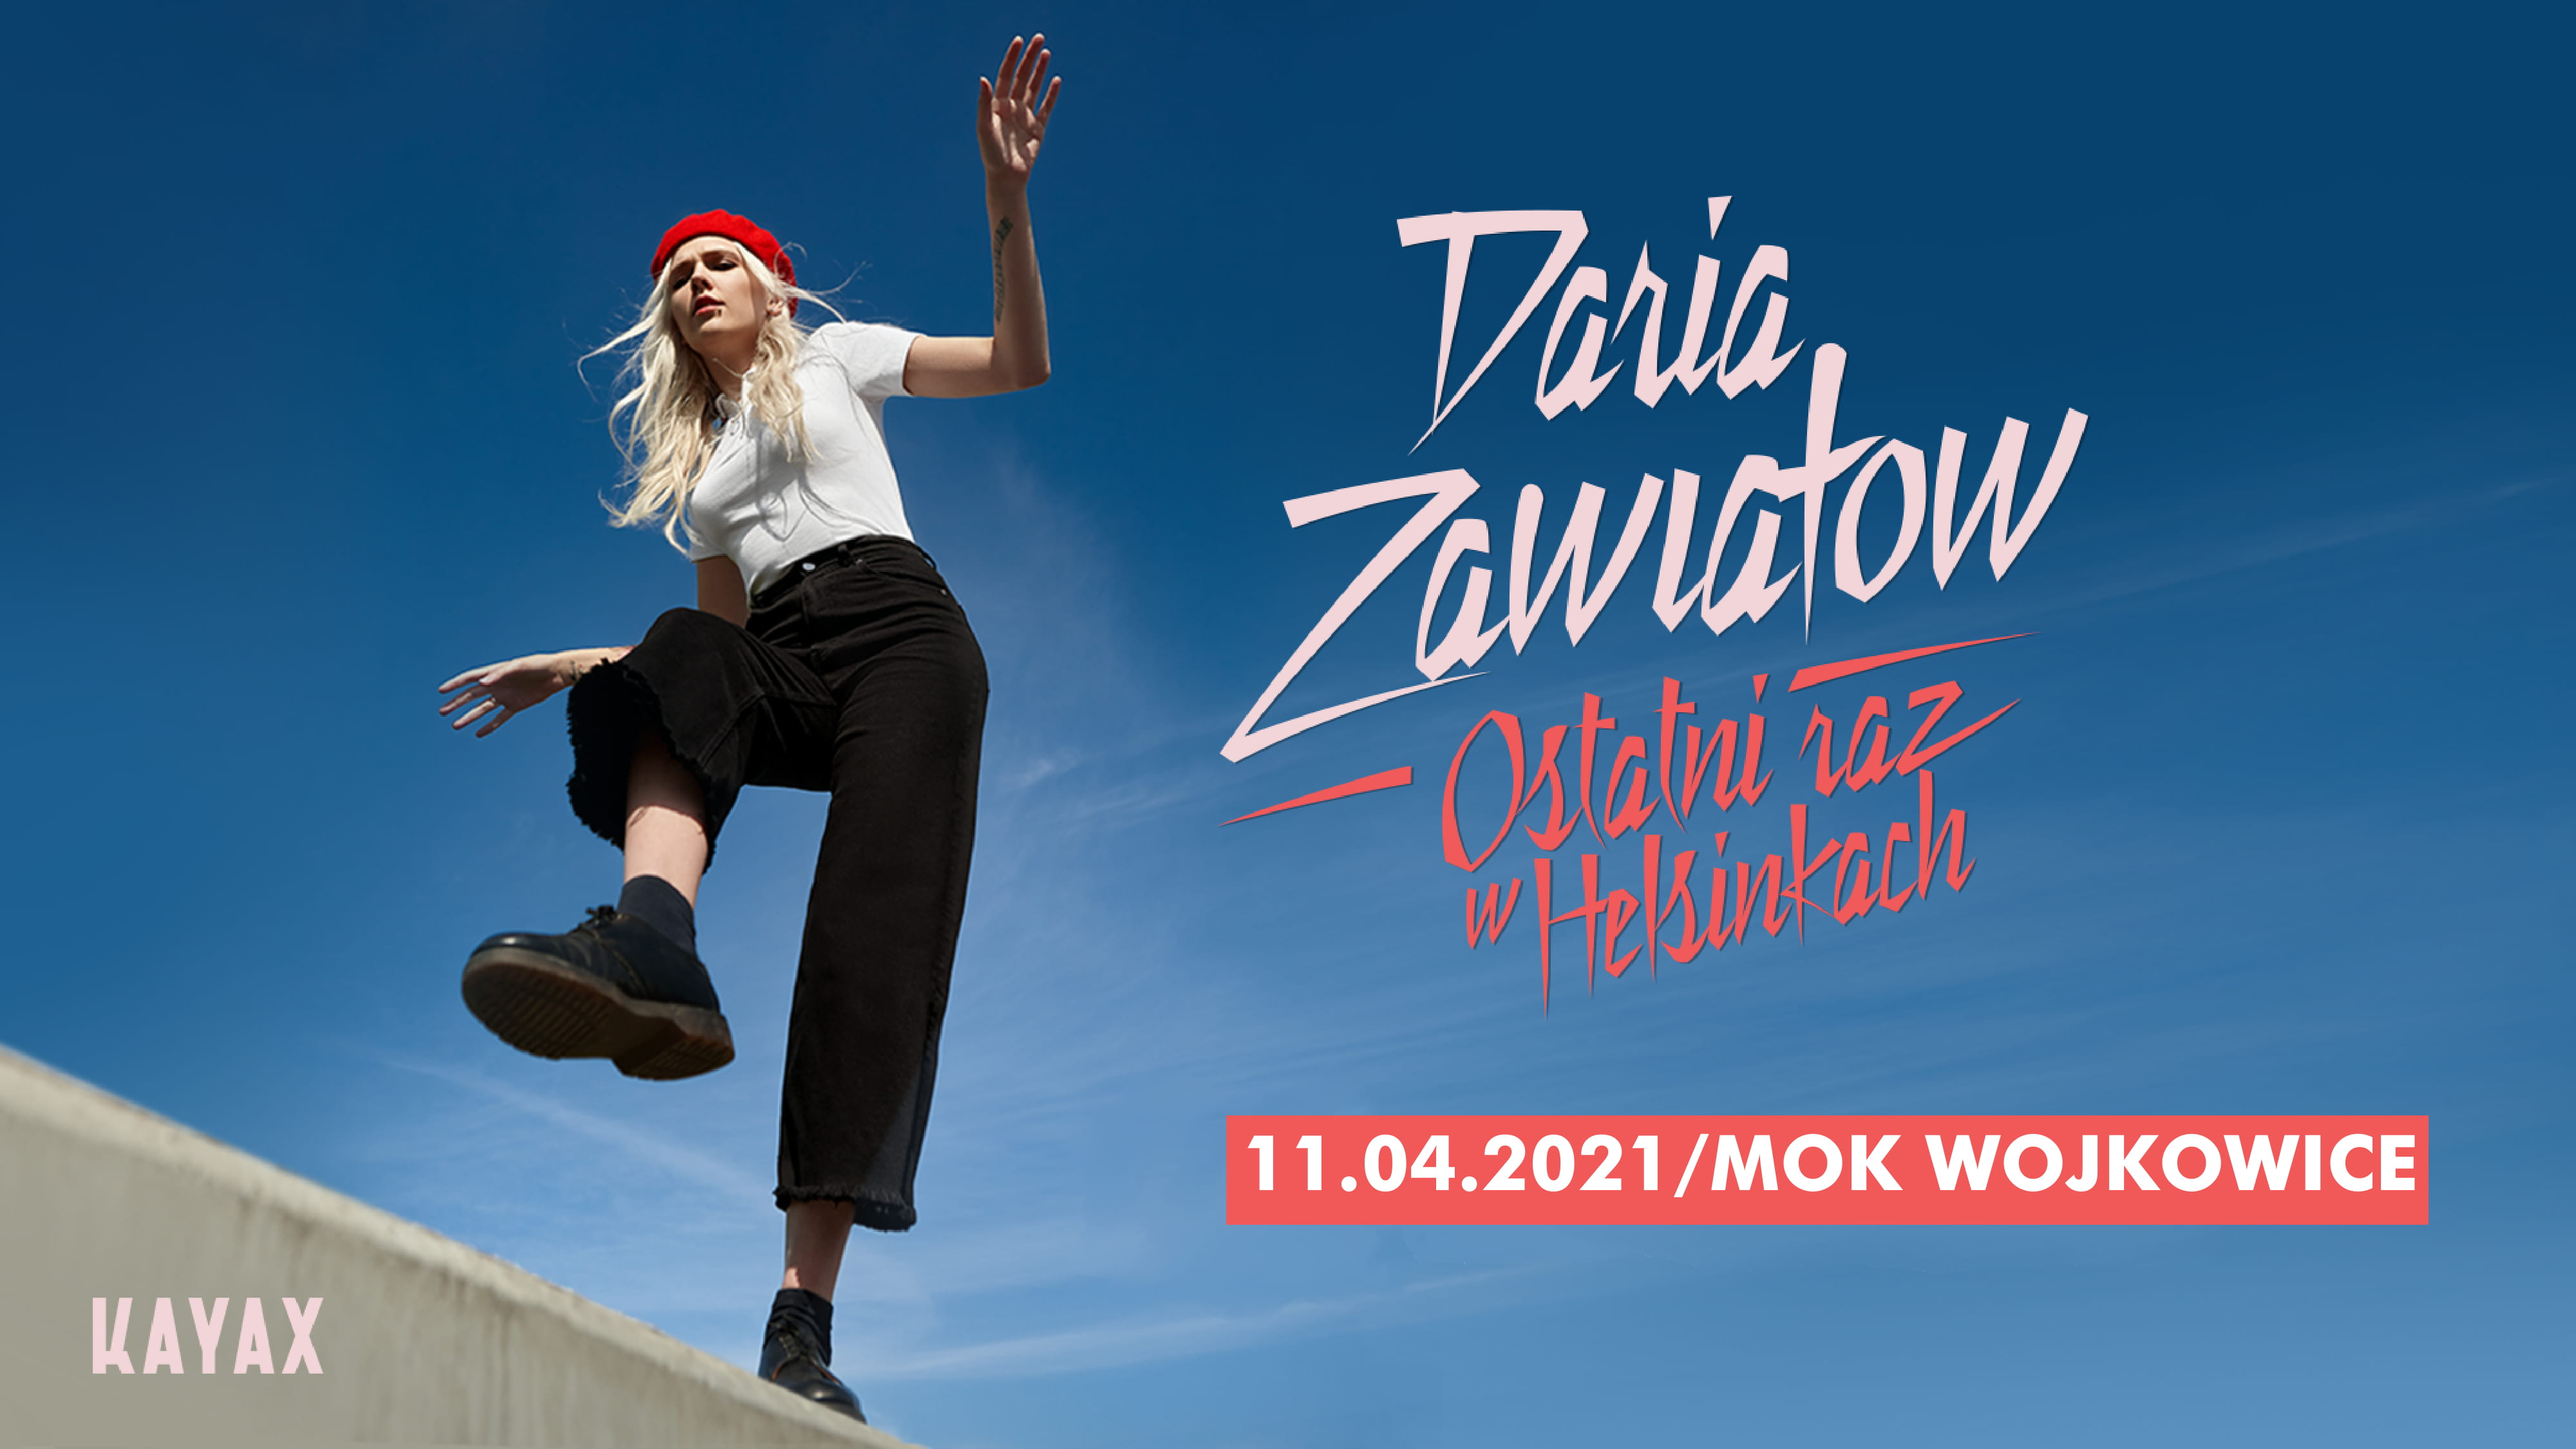 Slider do koncertu Darii Zawiałow 11 kwietnia 2021 roku